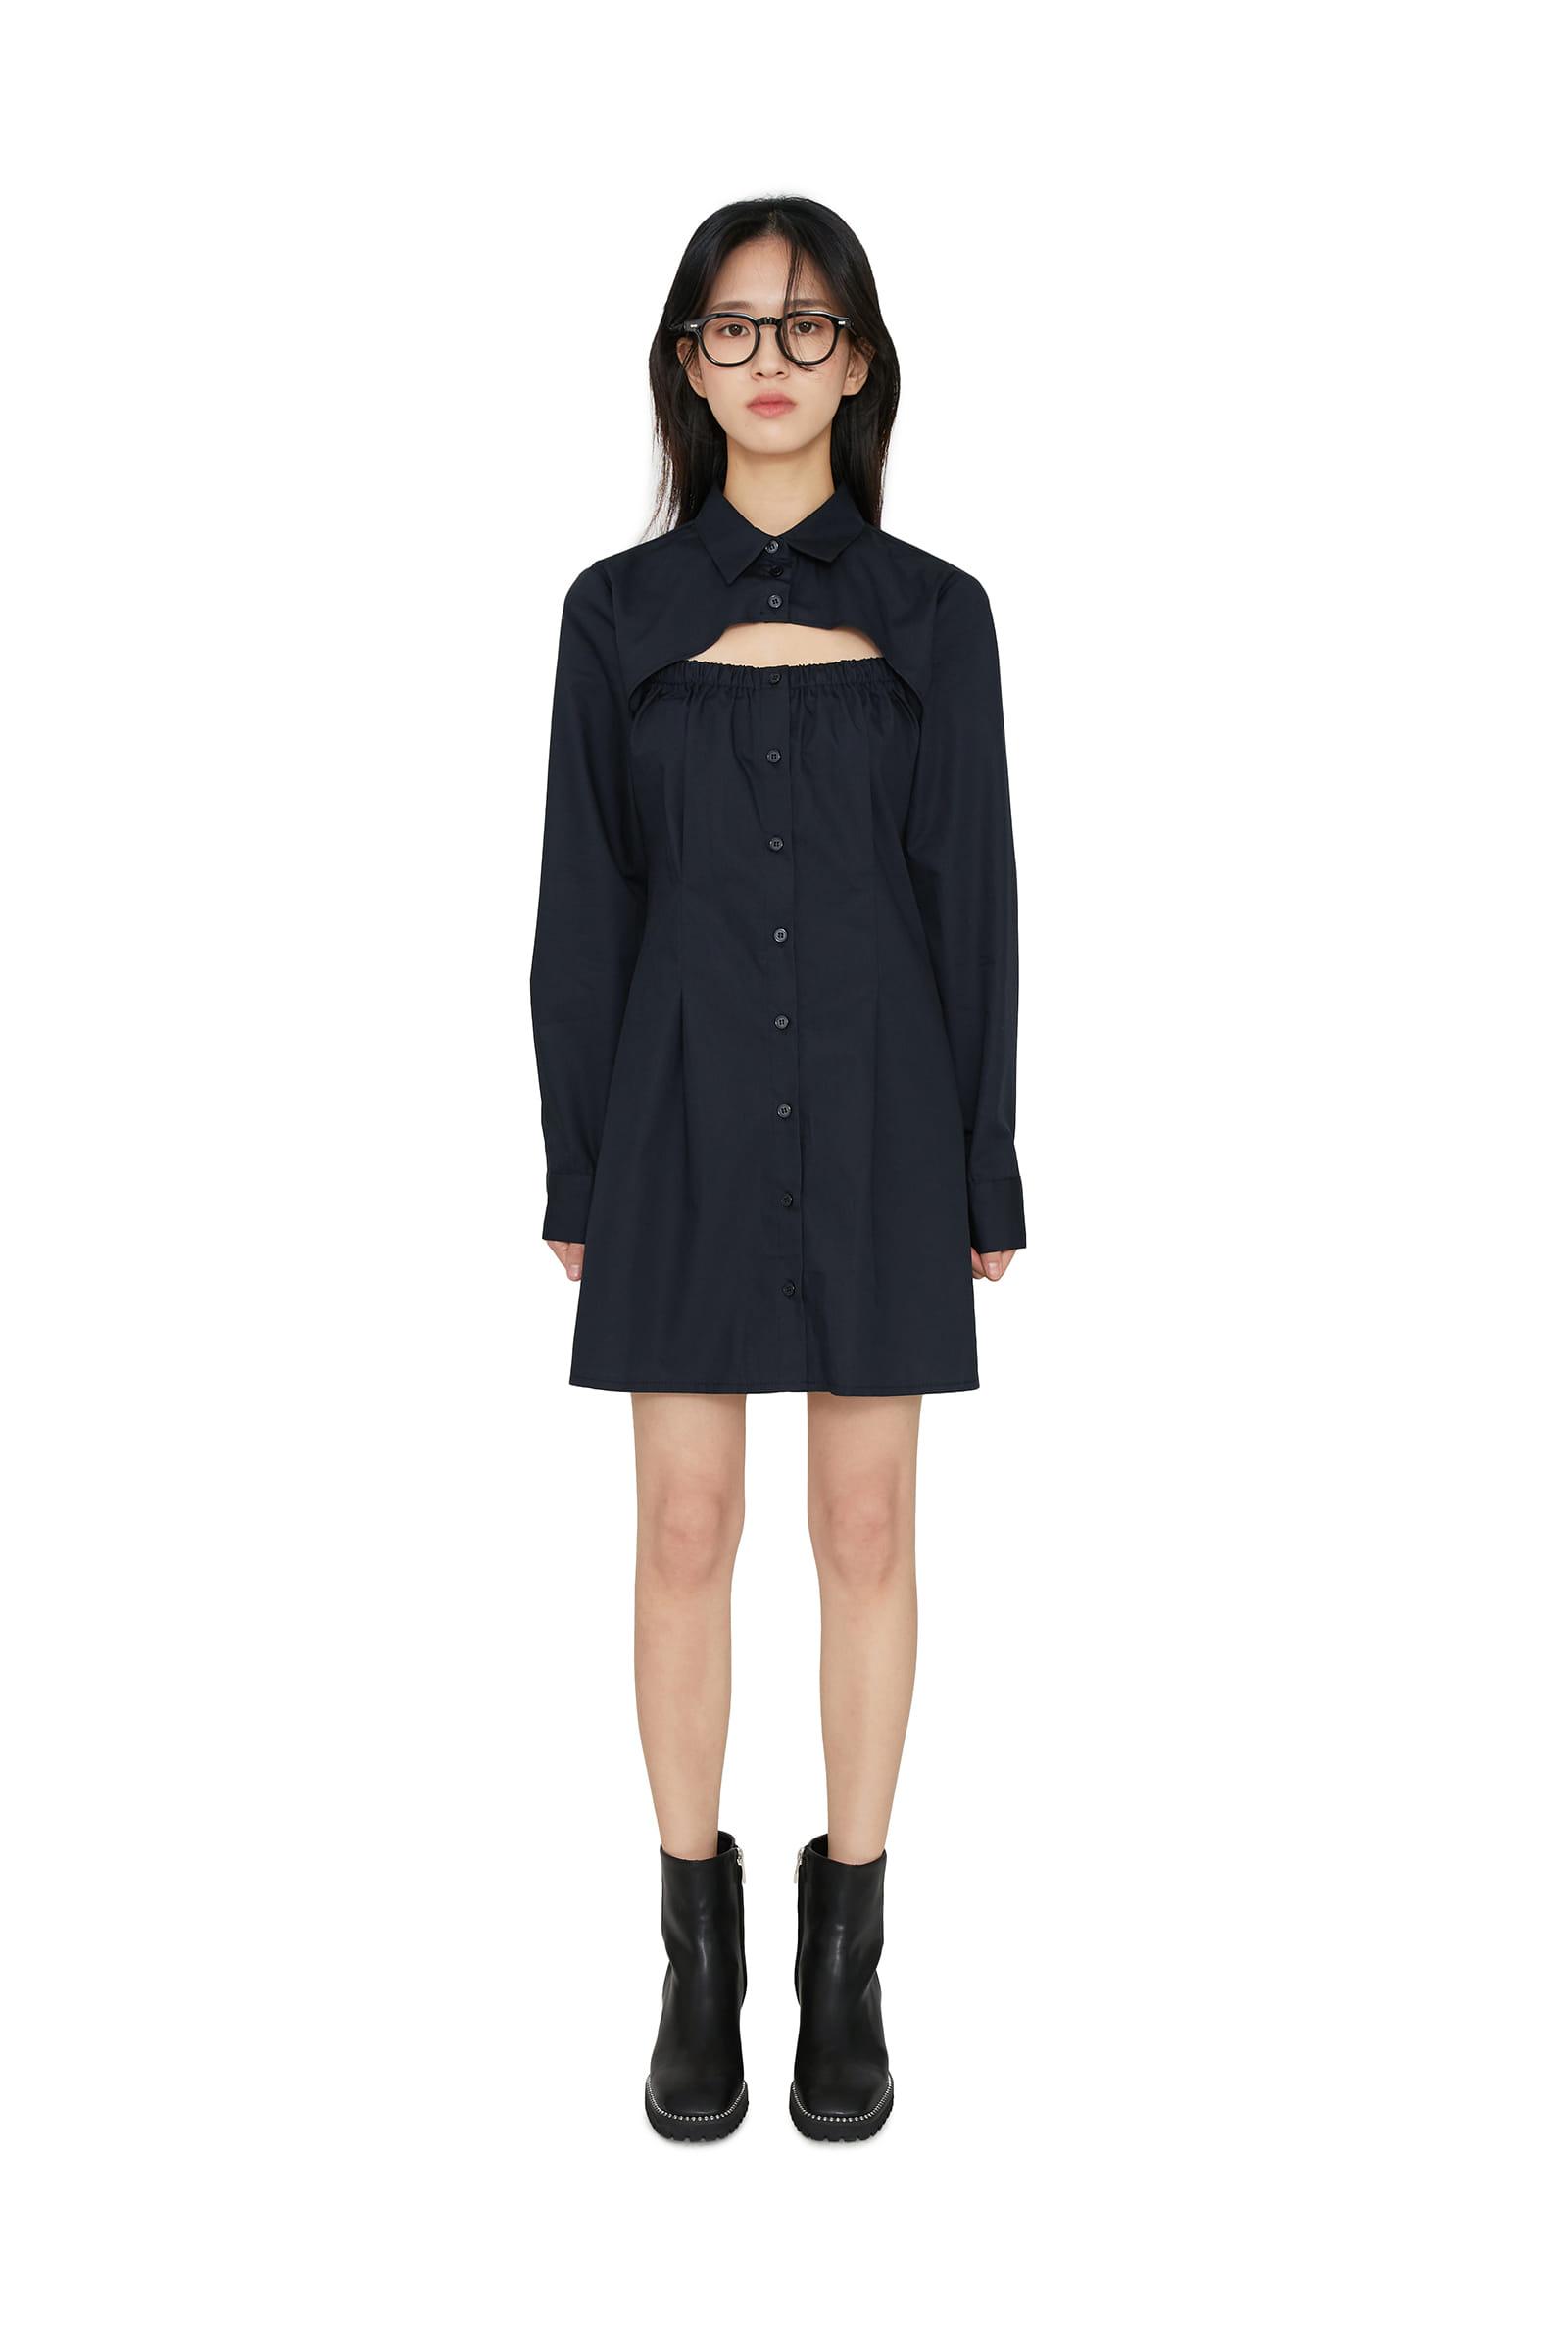 Use cutoff mini dress